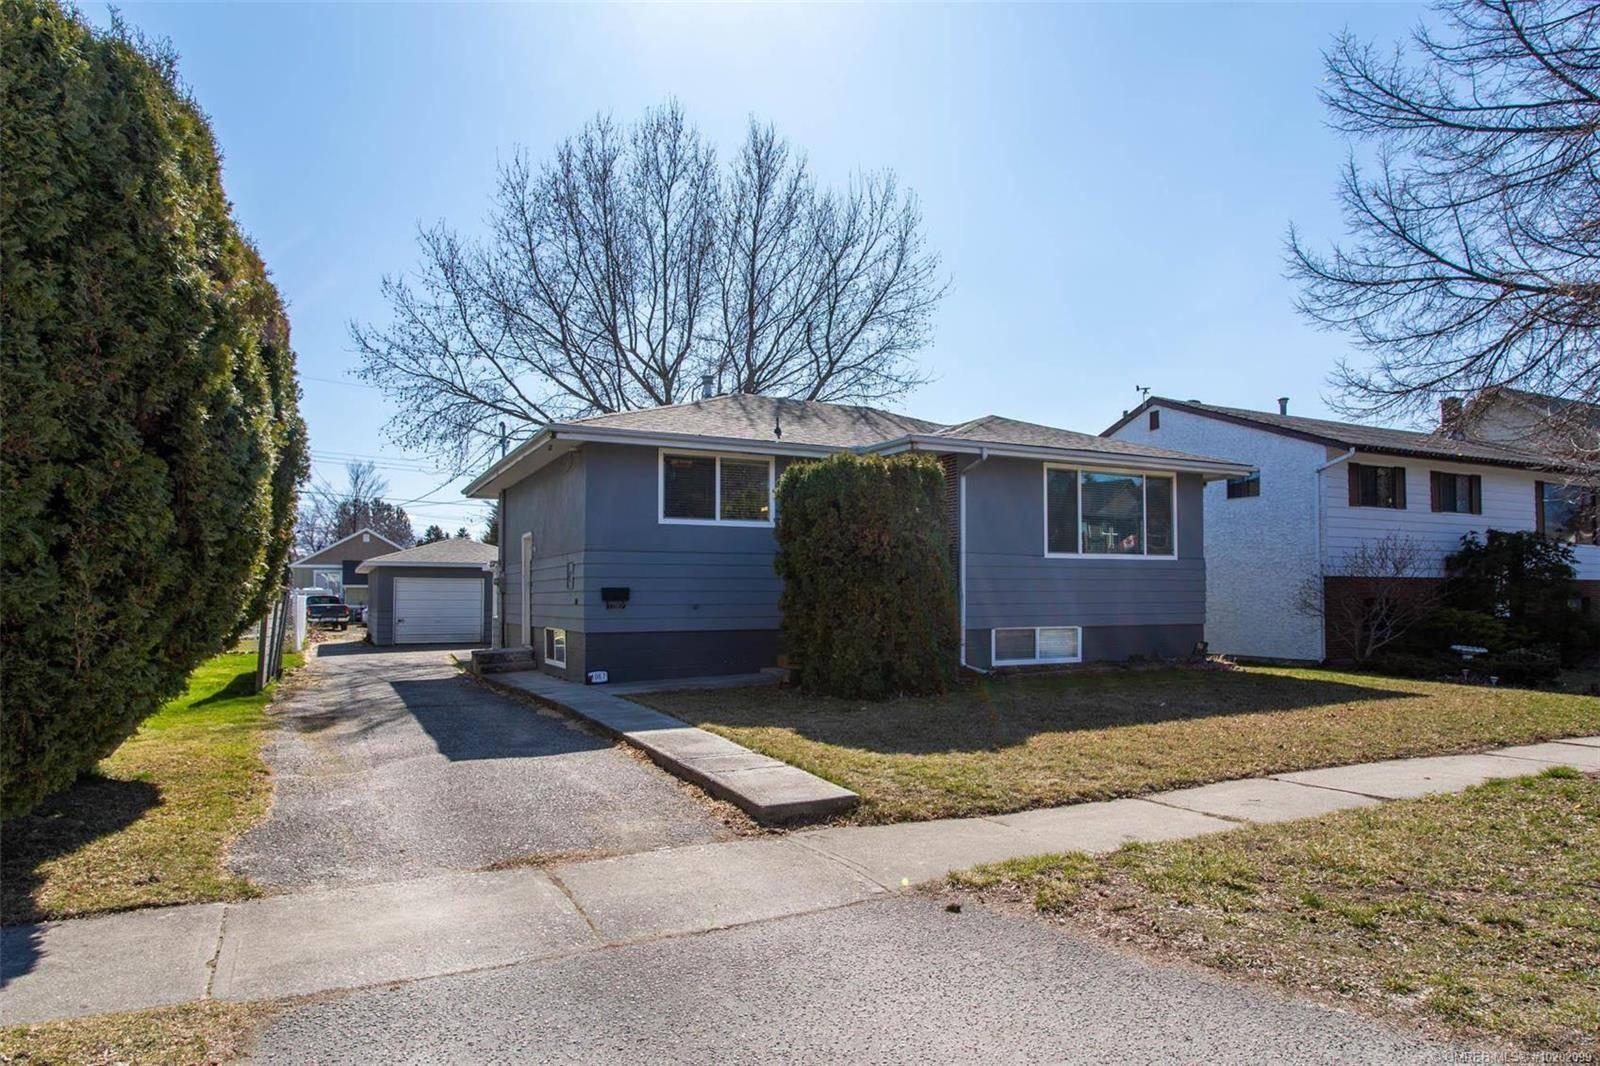 House for sale at 1067 Fuller Ave Kelowna British Columbia - MLS: 10202099